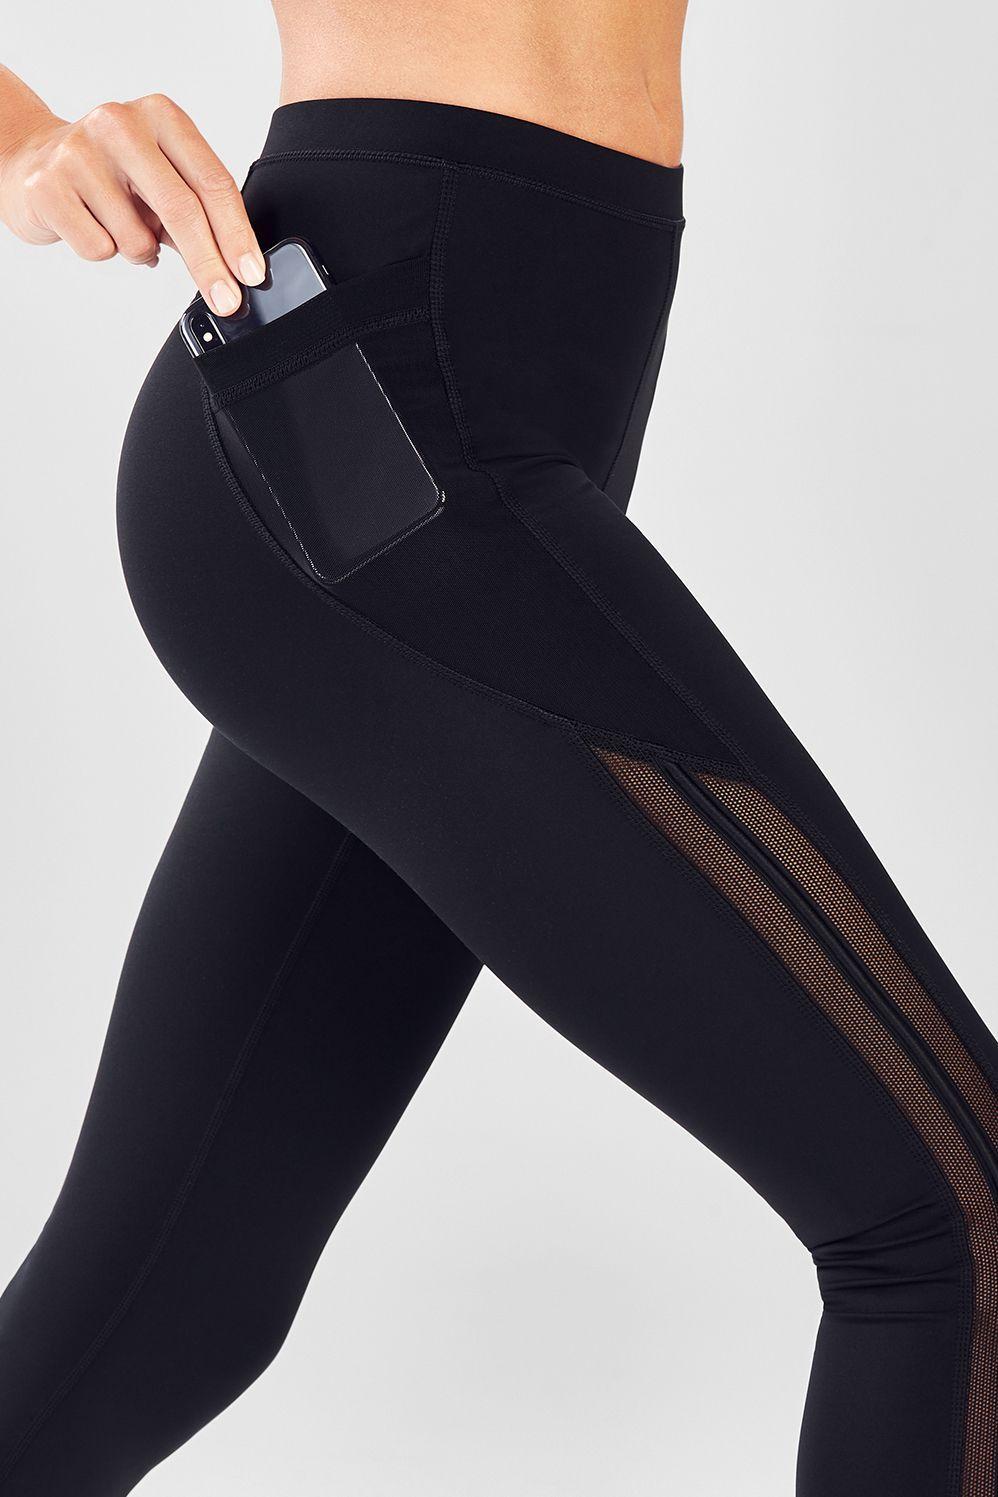 HighWaisted Spin Pant II Best leggings for women